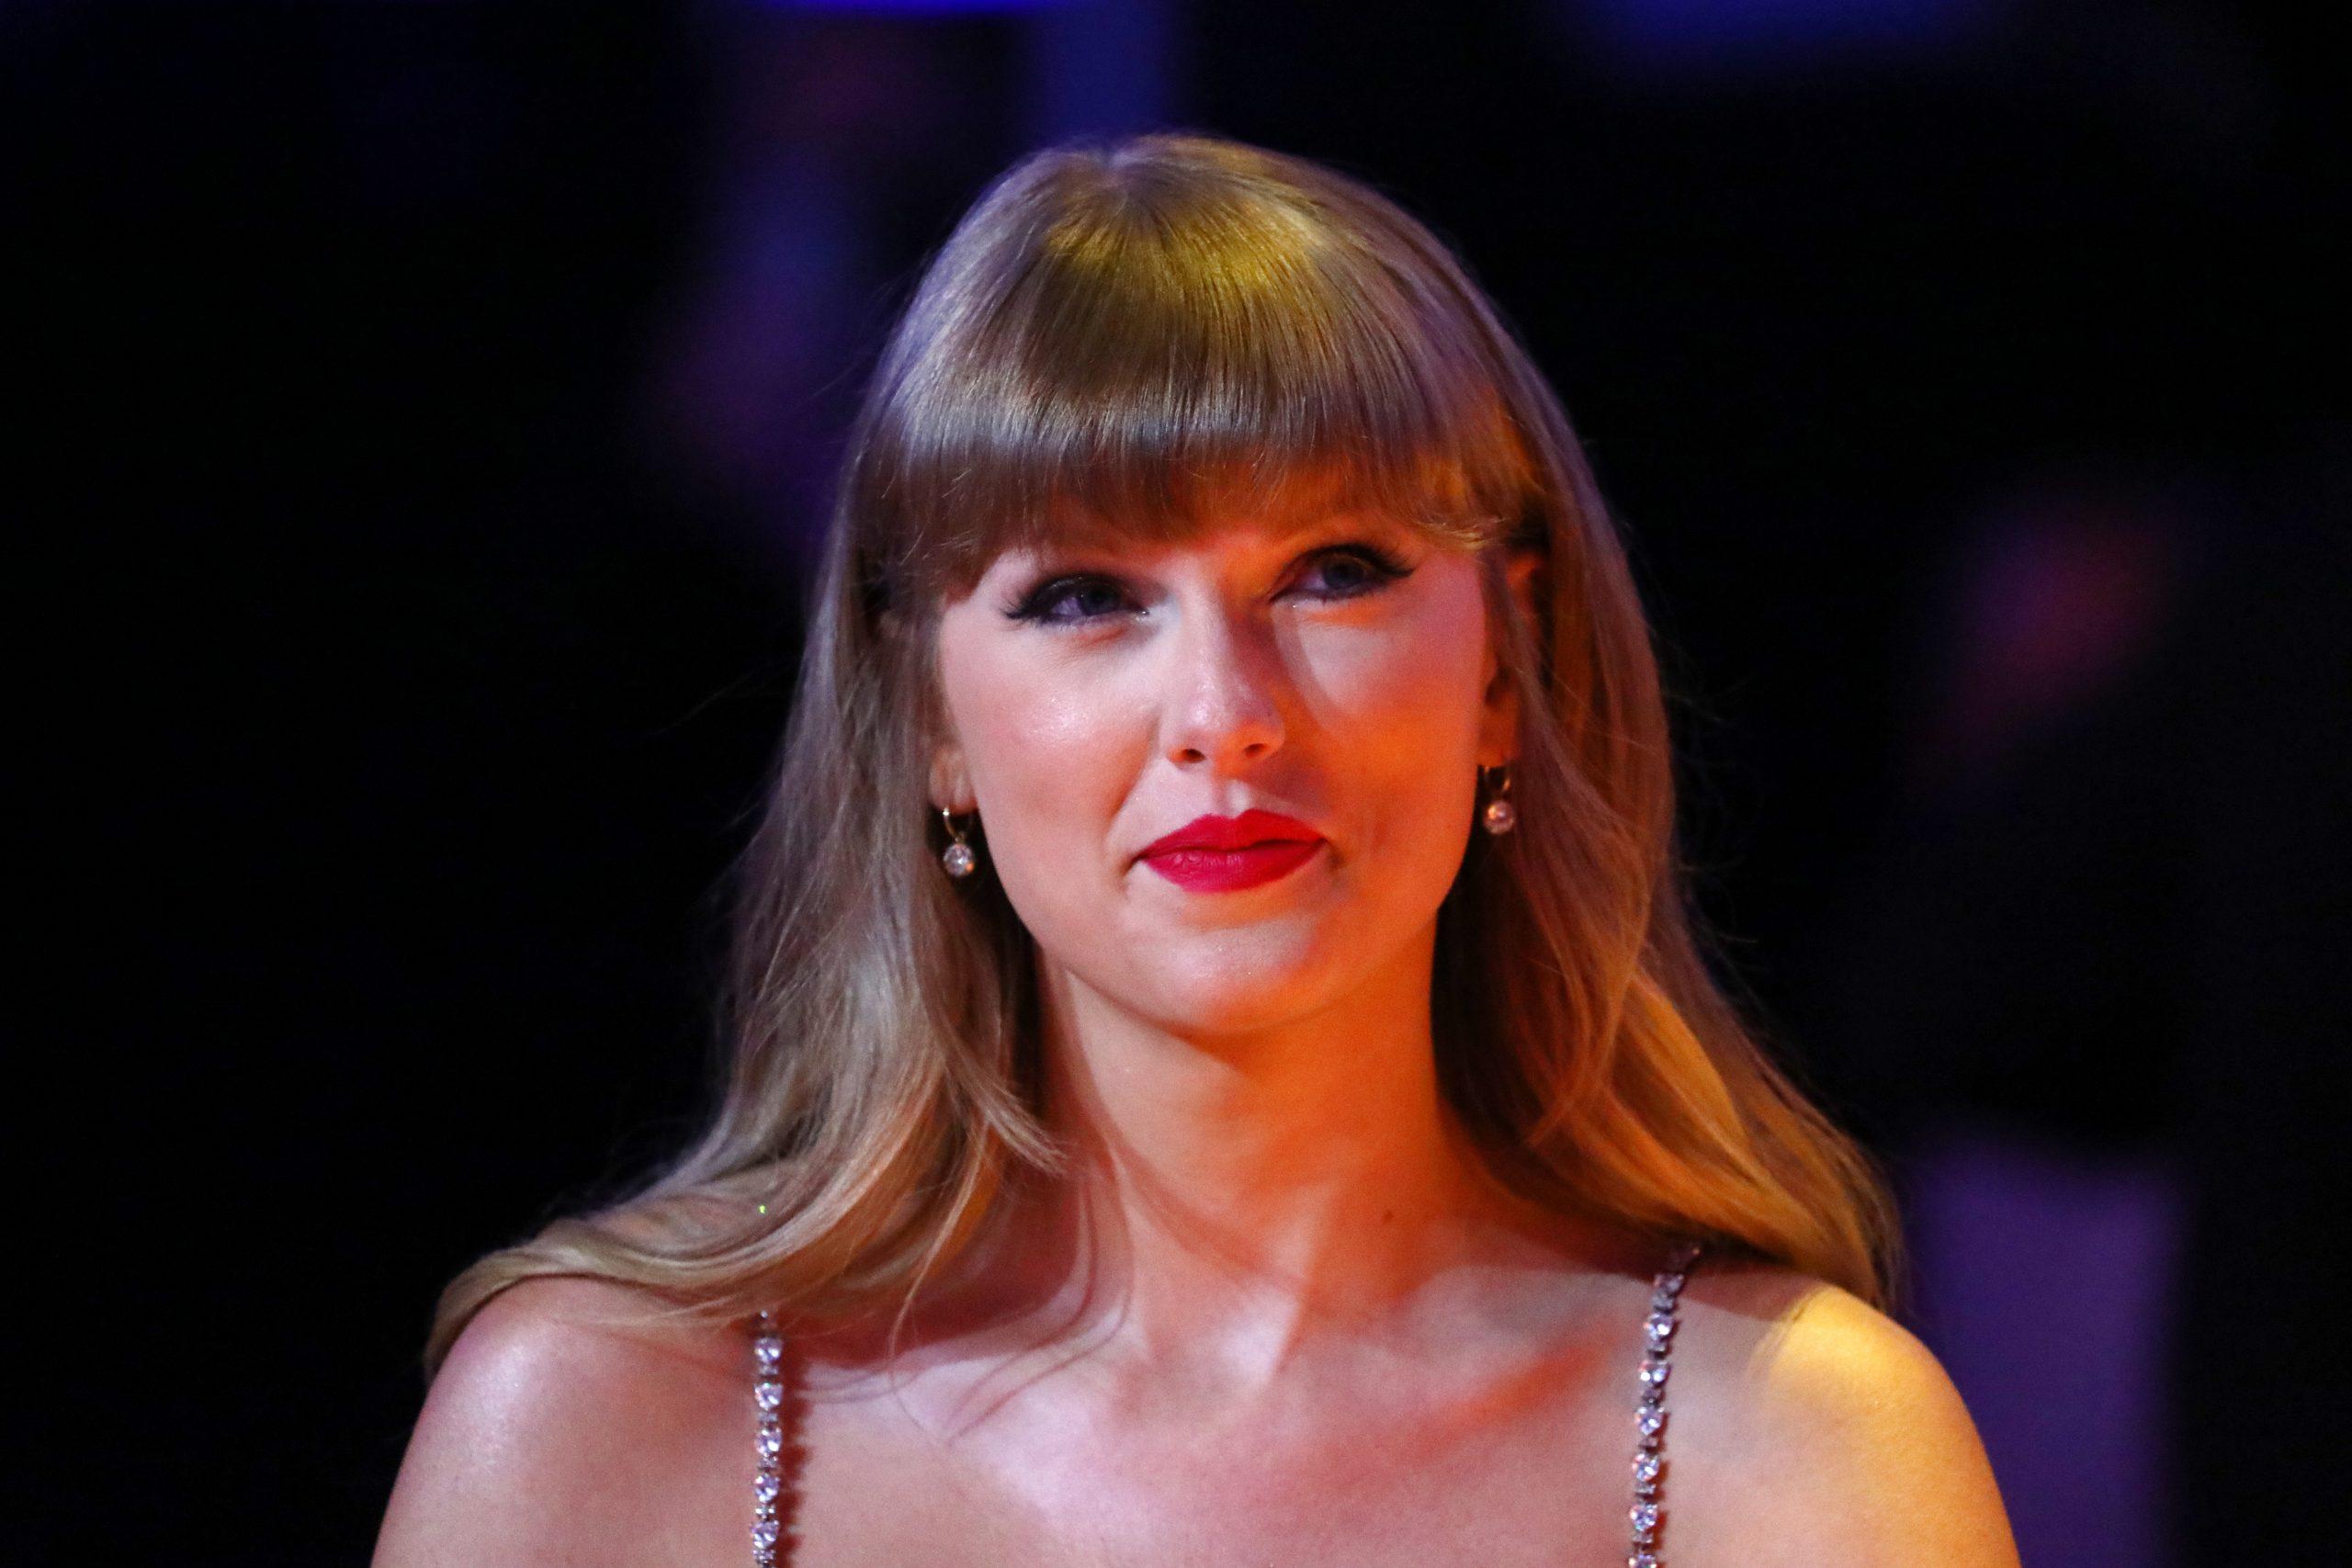 Một cảnh sát đã cố gắng sử dụng một bài hát của Taylor Swift để chặn video của người biểu tình khỏi YouTube